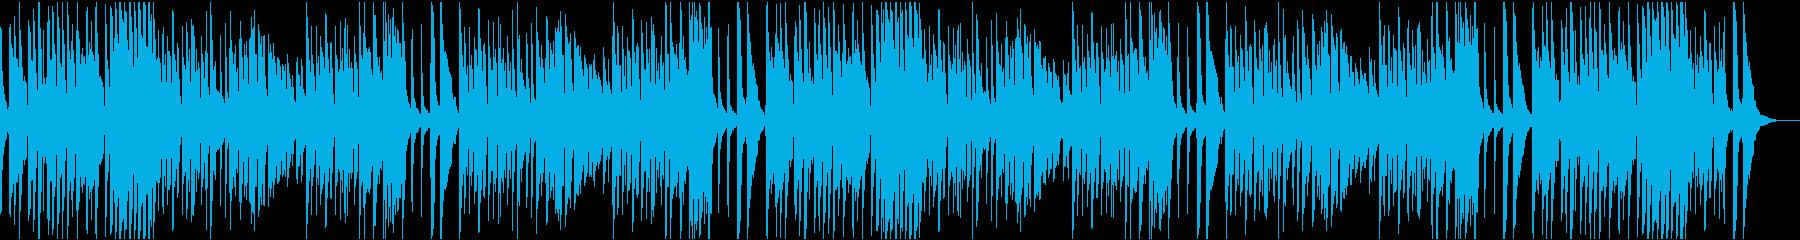 10秒でサビ、クラシックコミカル/静めの再生済みの波形